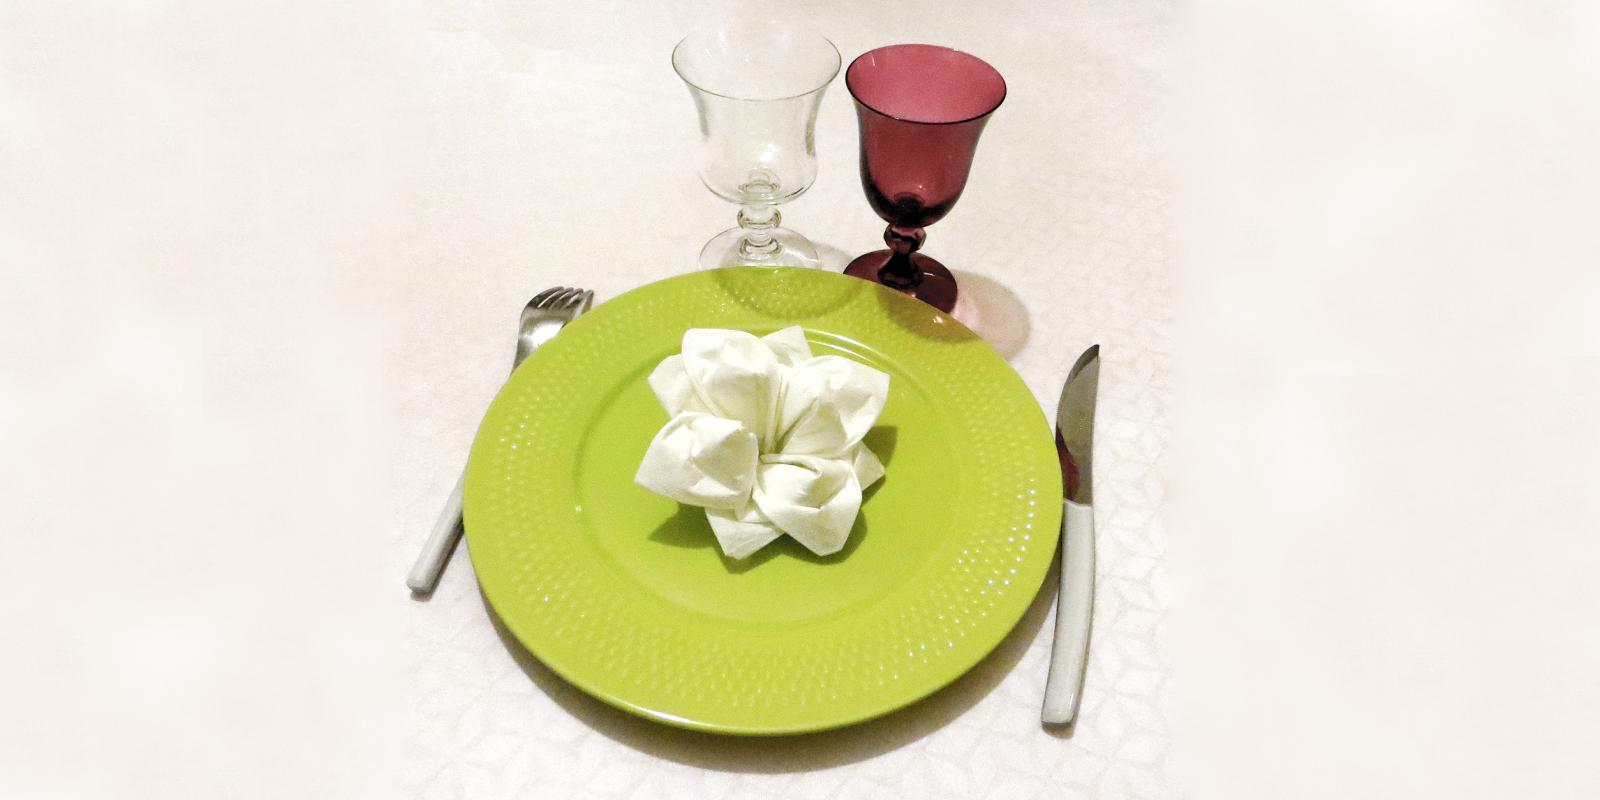 Pliage Serviette Papier Avec Couverts aline décoration: comment plier une serviette pour décorer